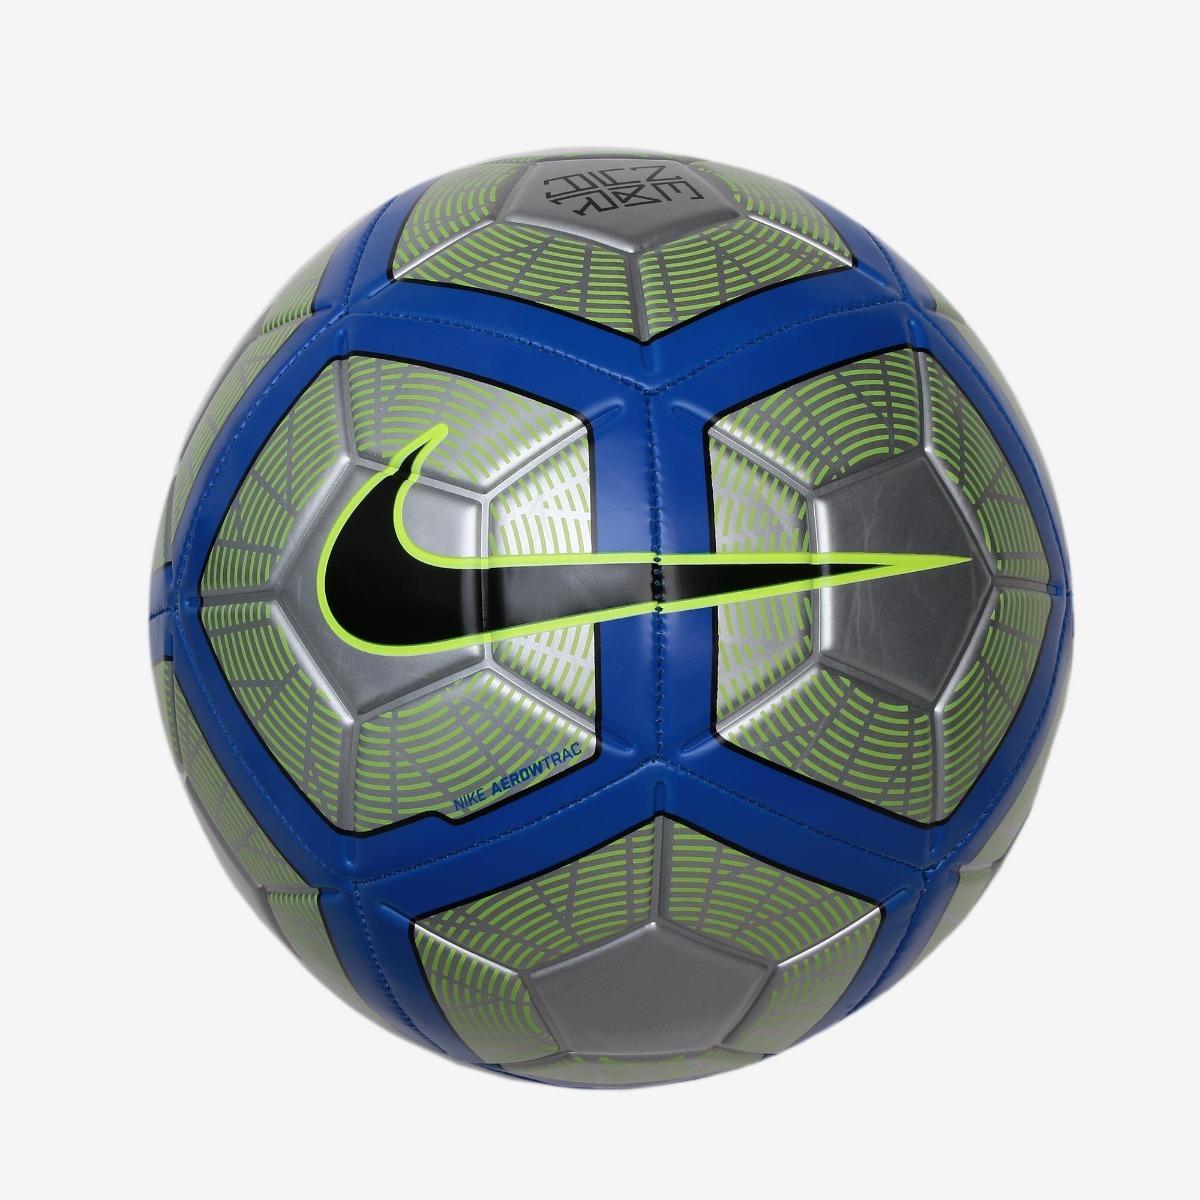 bola de futebol campo nike strike - original. Carregando zoom. 361733e21bd7f